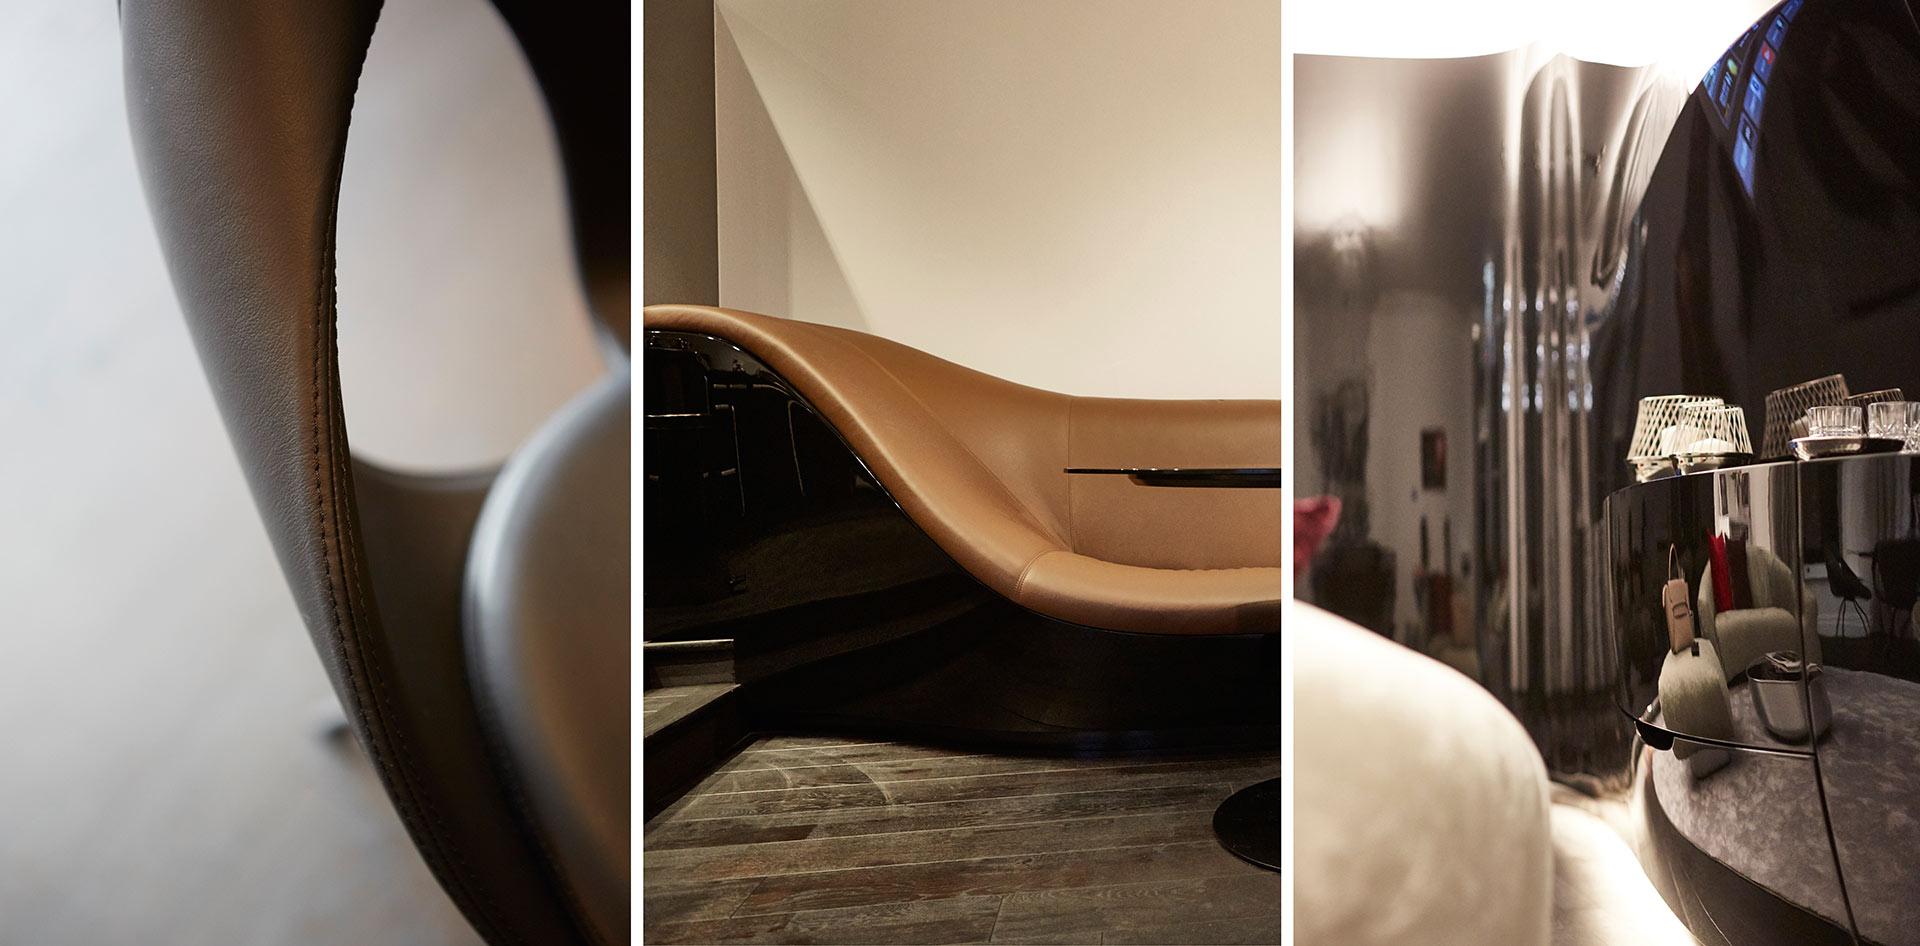 Impressionen aus dem Hapimag Resort in Hamburg. Entworfen von JOI-Design.